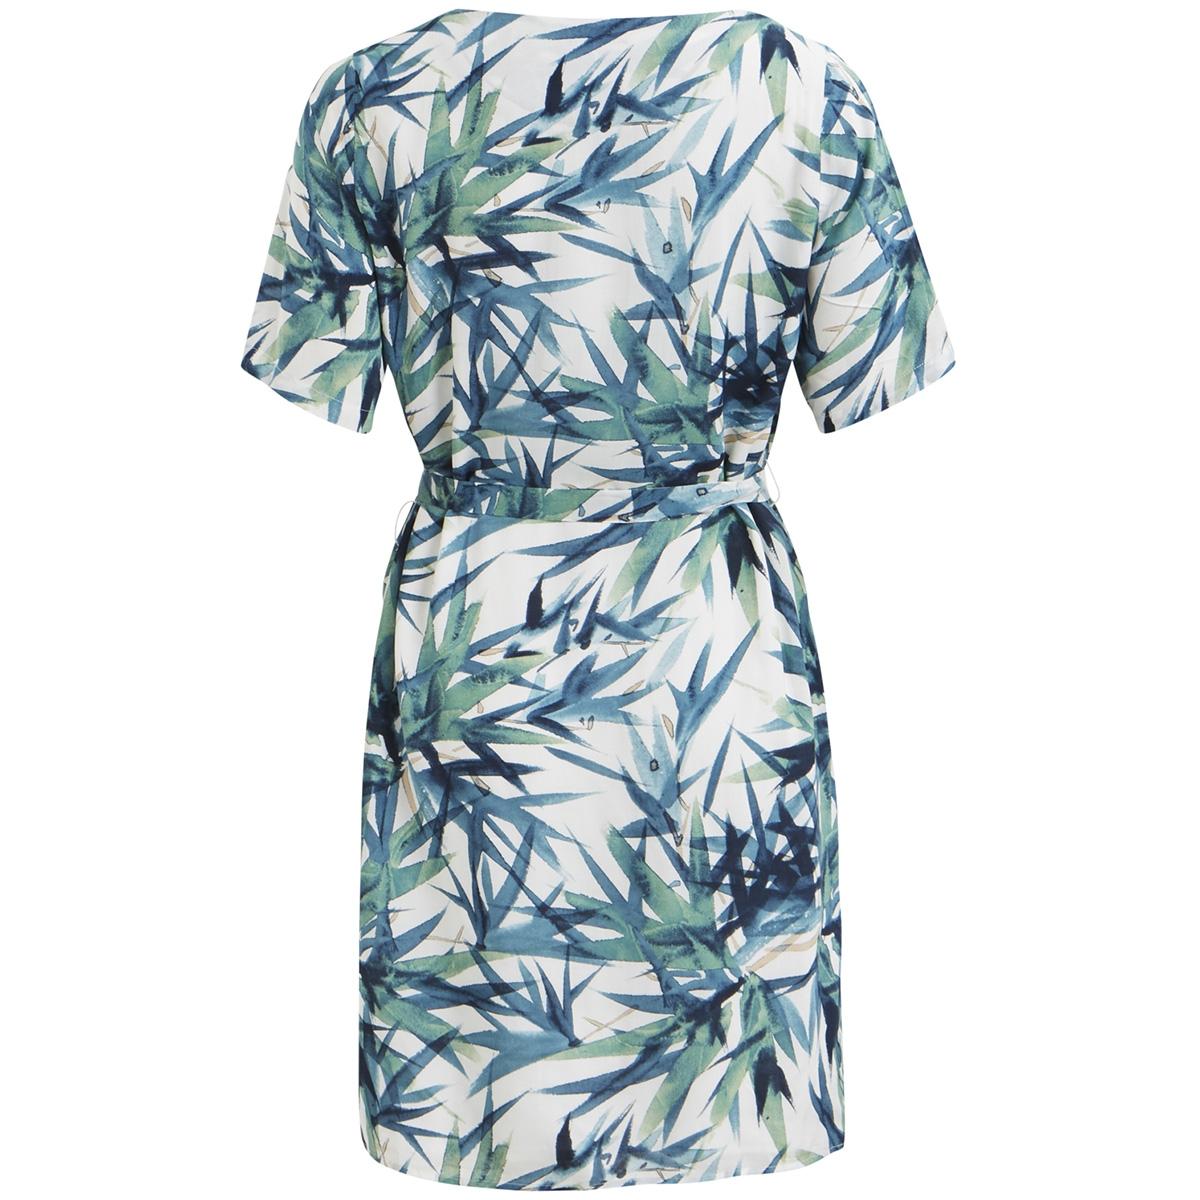 objjolia 2/4 south dress 95 23026707 object jurk gardenia